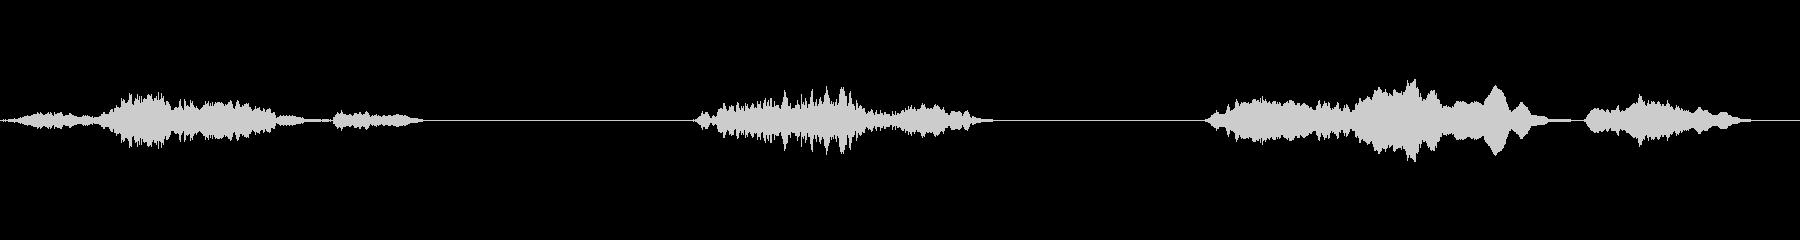 ヒンジきしみ;さびた蝶番の3つの短...の未再生の波形